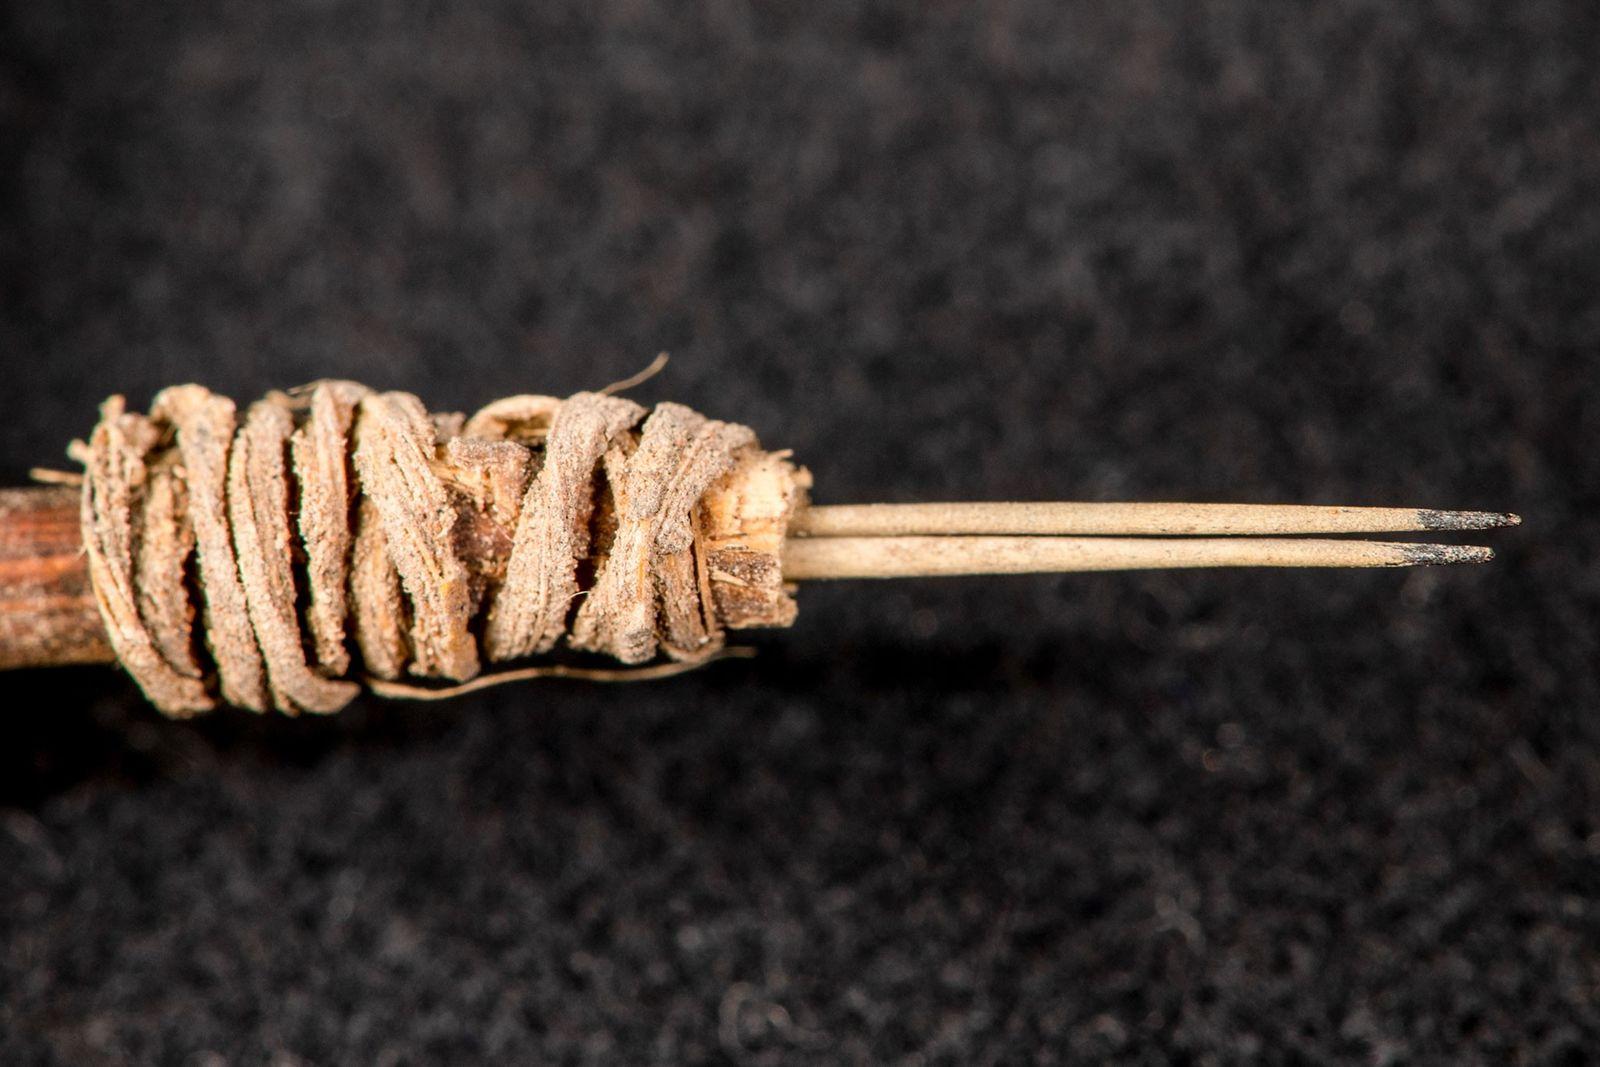 Agulha de tatuagem de 2 mil anos identificada por arqueólogos